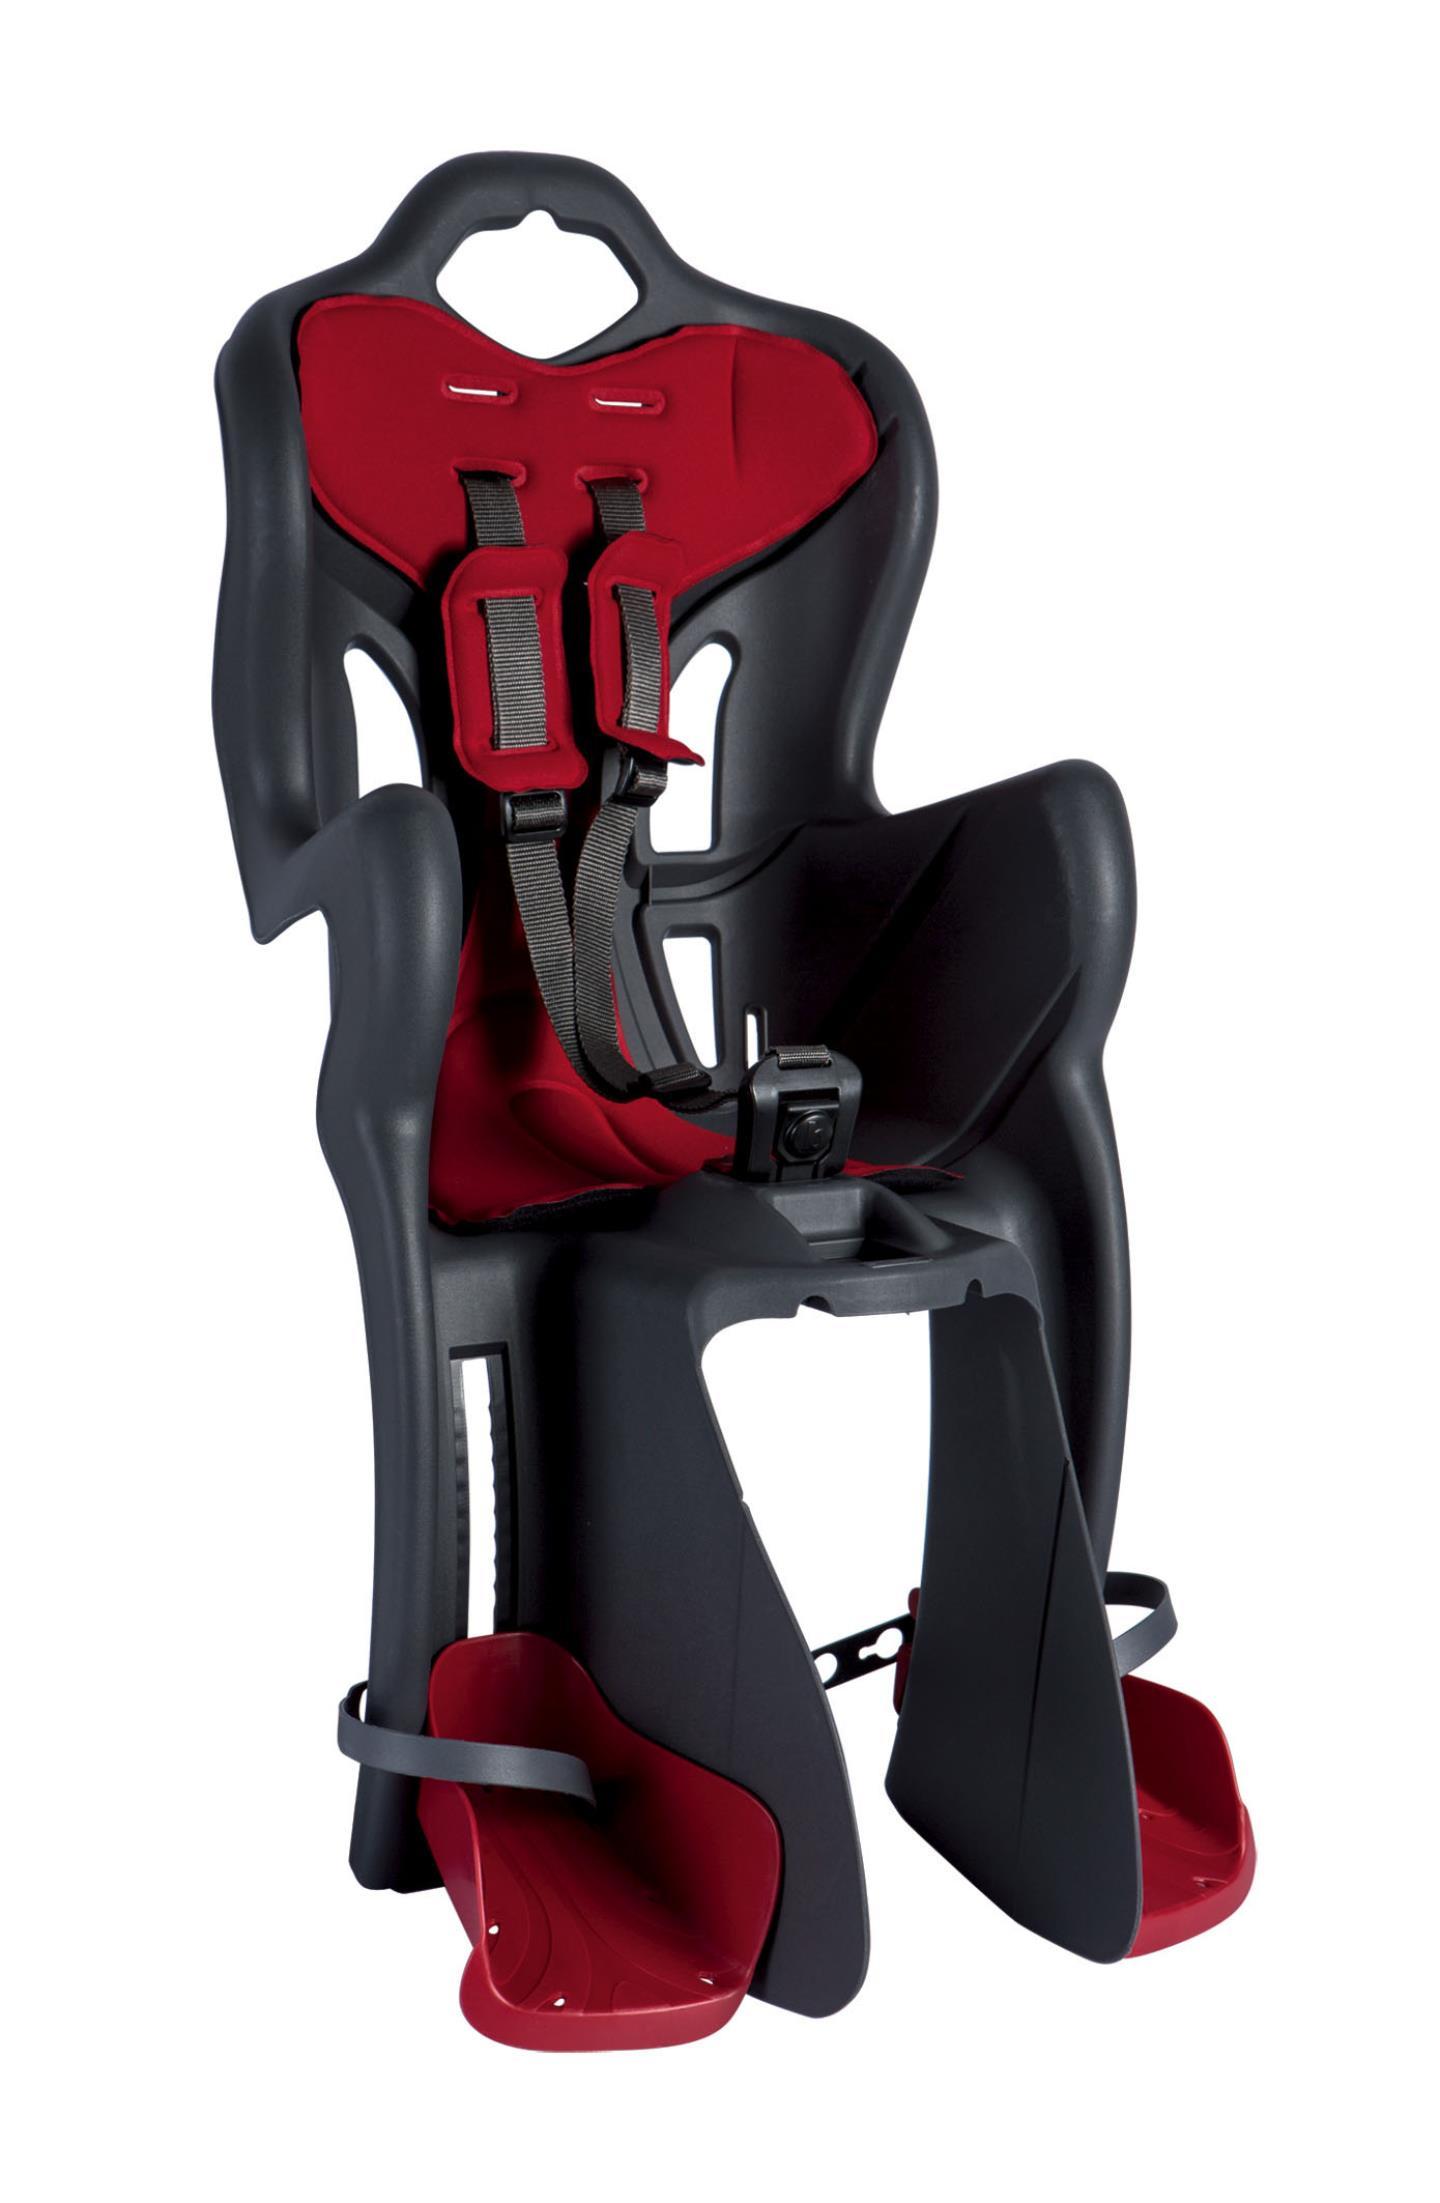 Bellelli Παιδικό καθισματάκι B-ONE για σχάρα